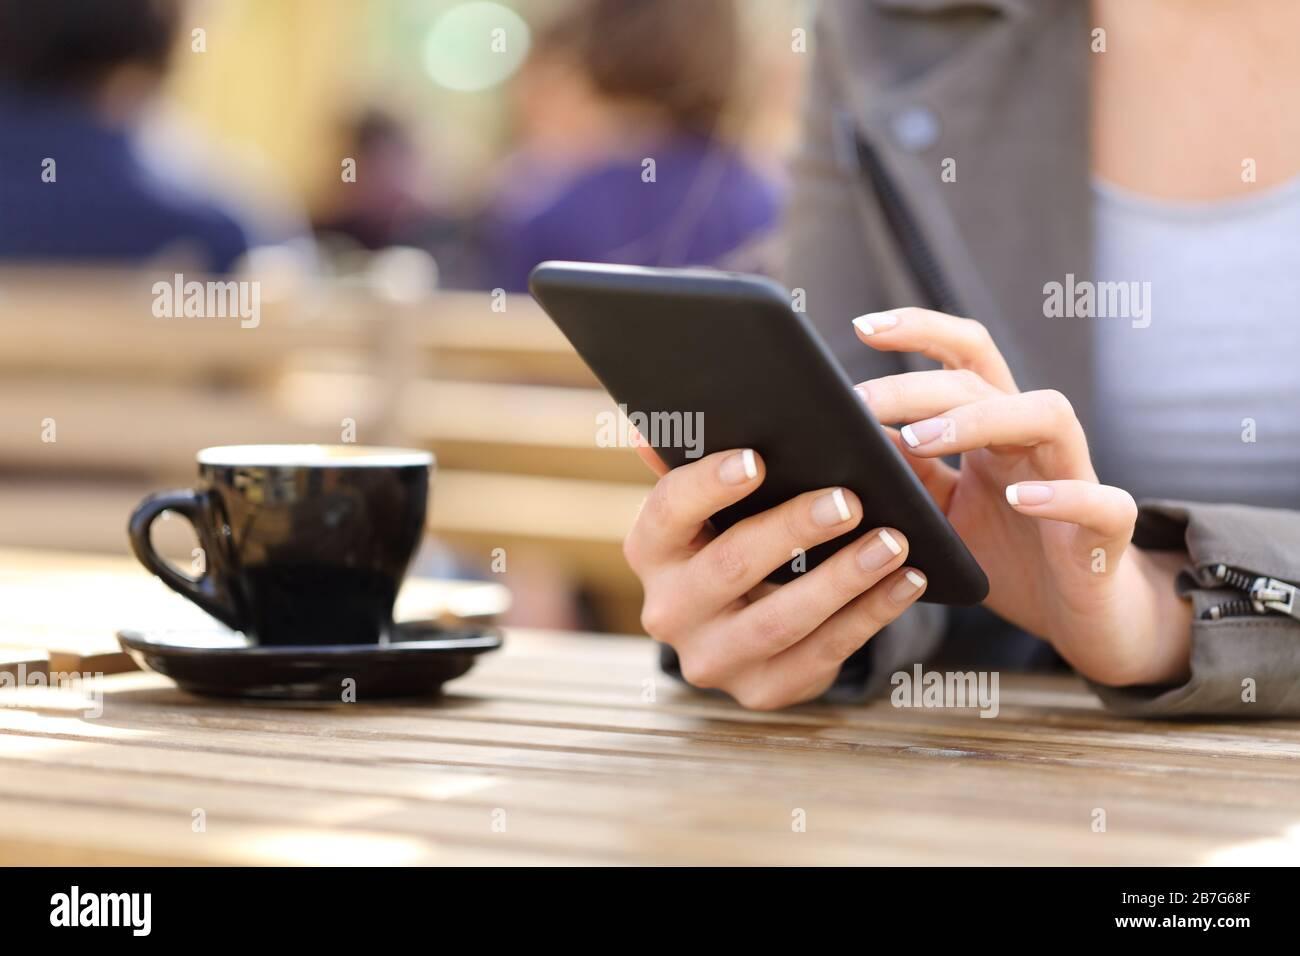 Gros plan sur les mains de la femme à l'aide de son téléphone portable sur une terrasse de café Banque D'Images